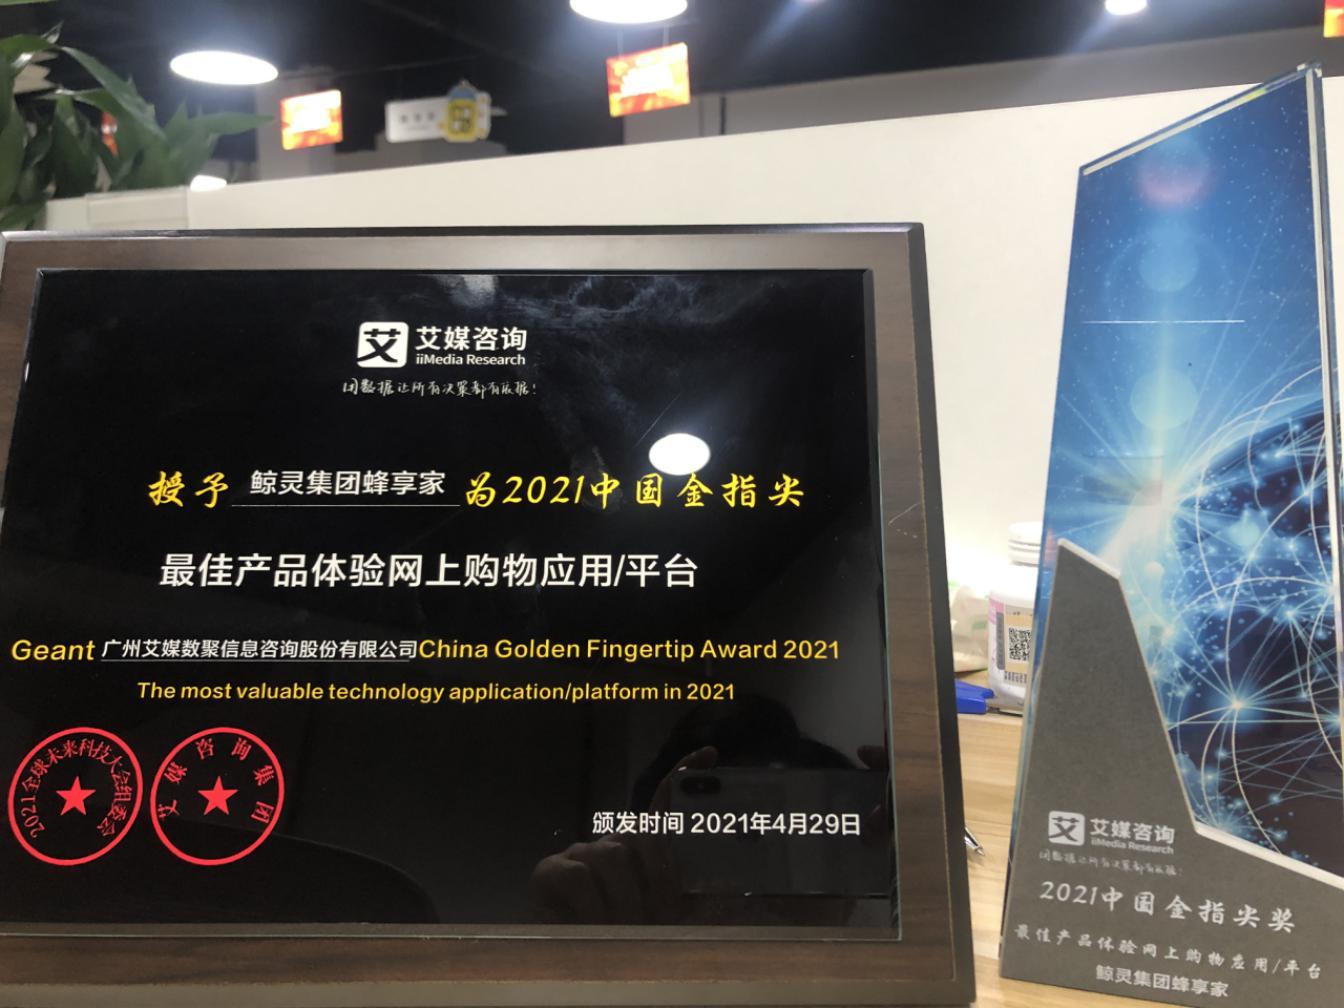 """鲸灵集团蜂享家荣获2021中国金指尖奖""""最佳产品体验网上购物平台""""大奖"""